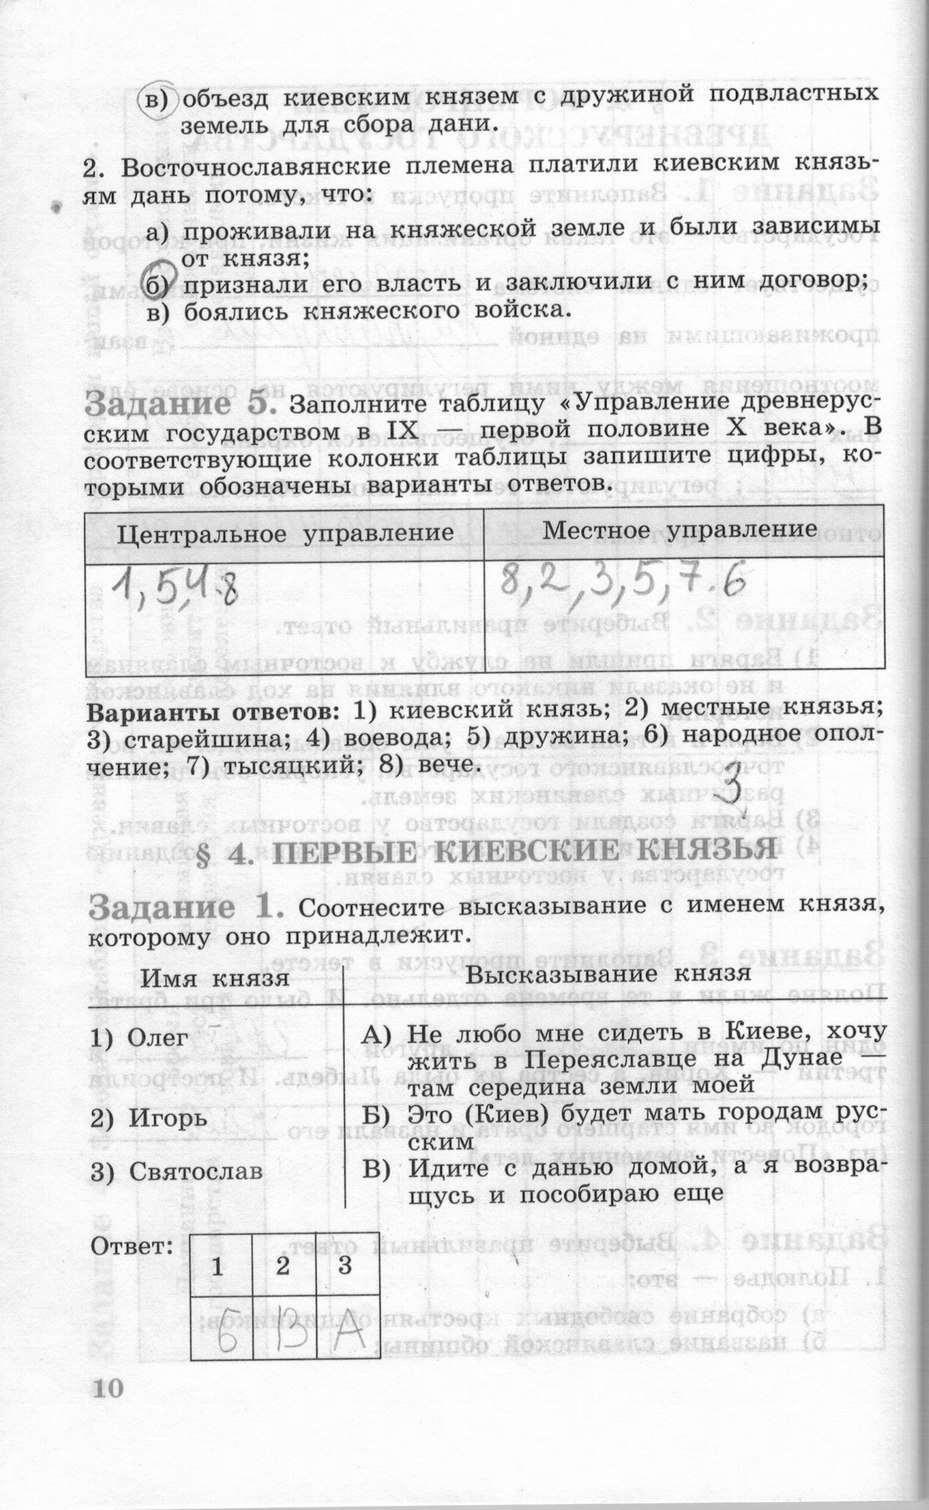 Гдз по истории россии 8 класс данилов косулина тестовые задания